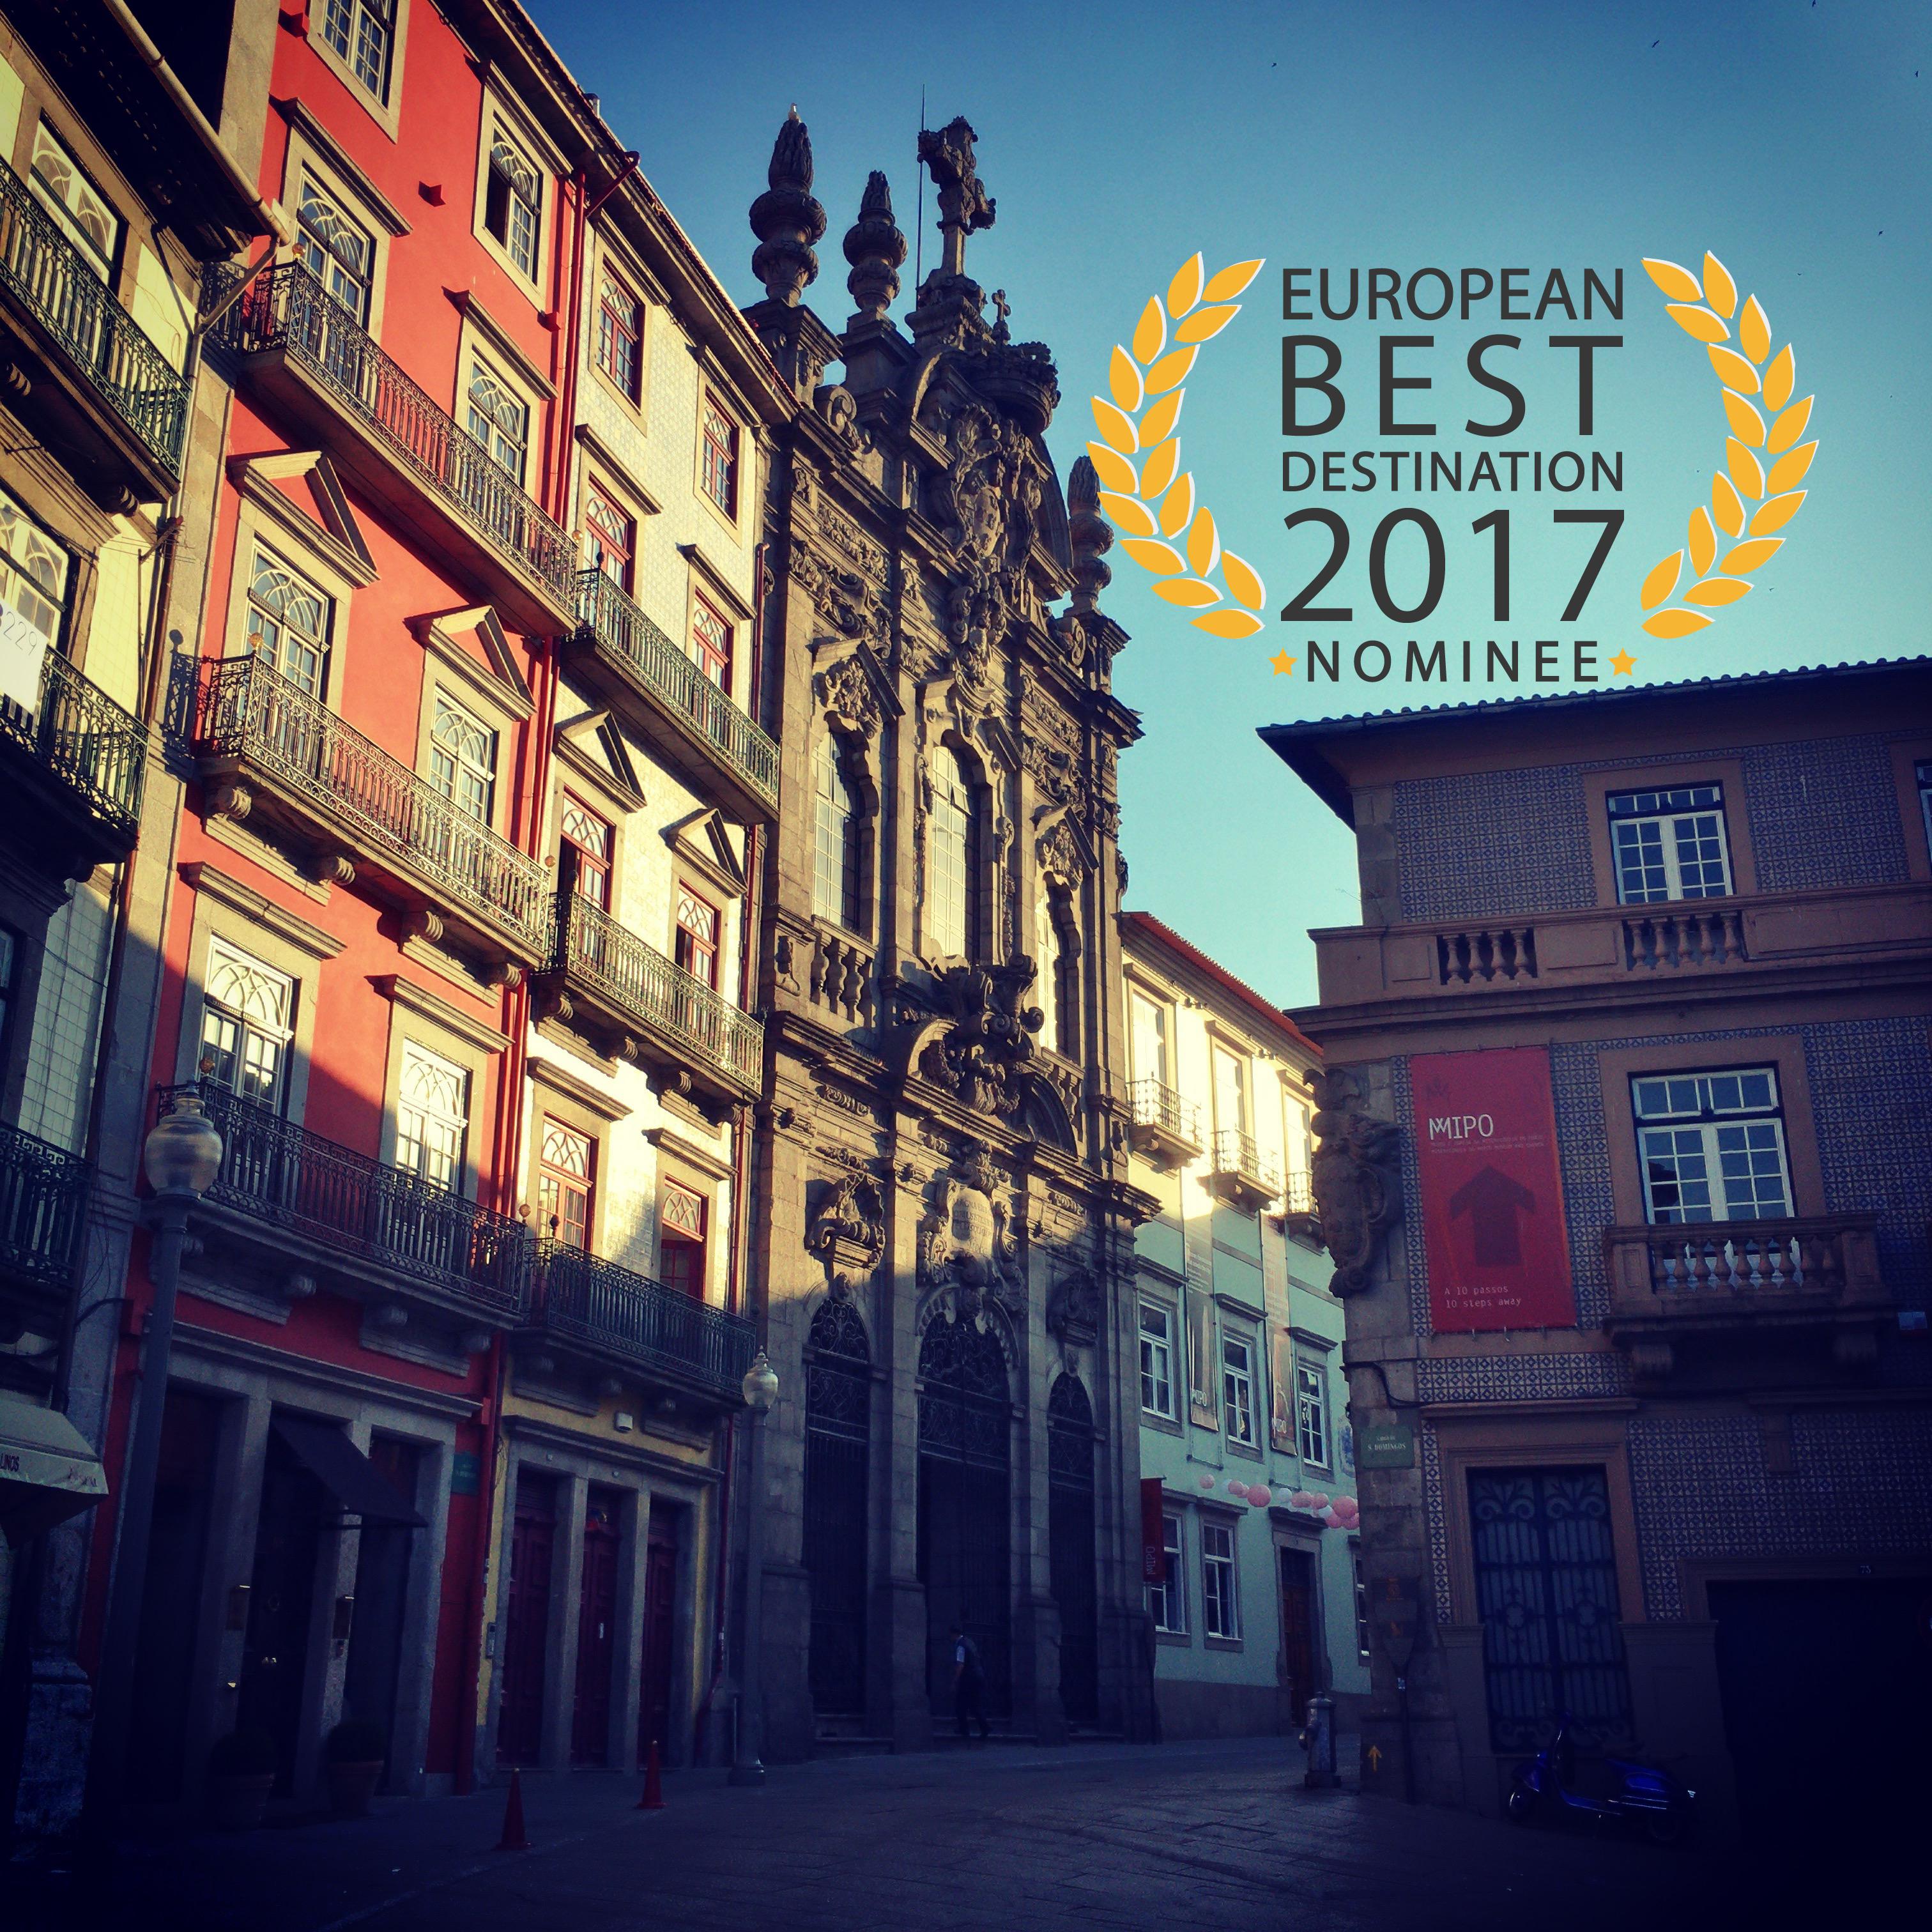 Porto nominé pour la plus belle destination européen 2017